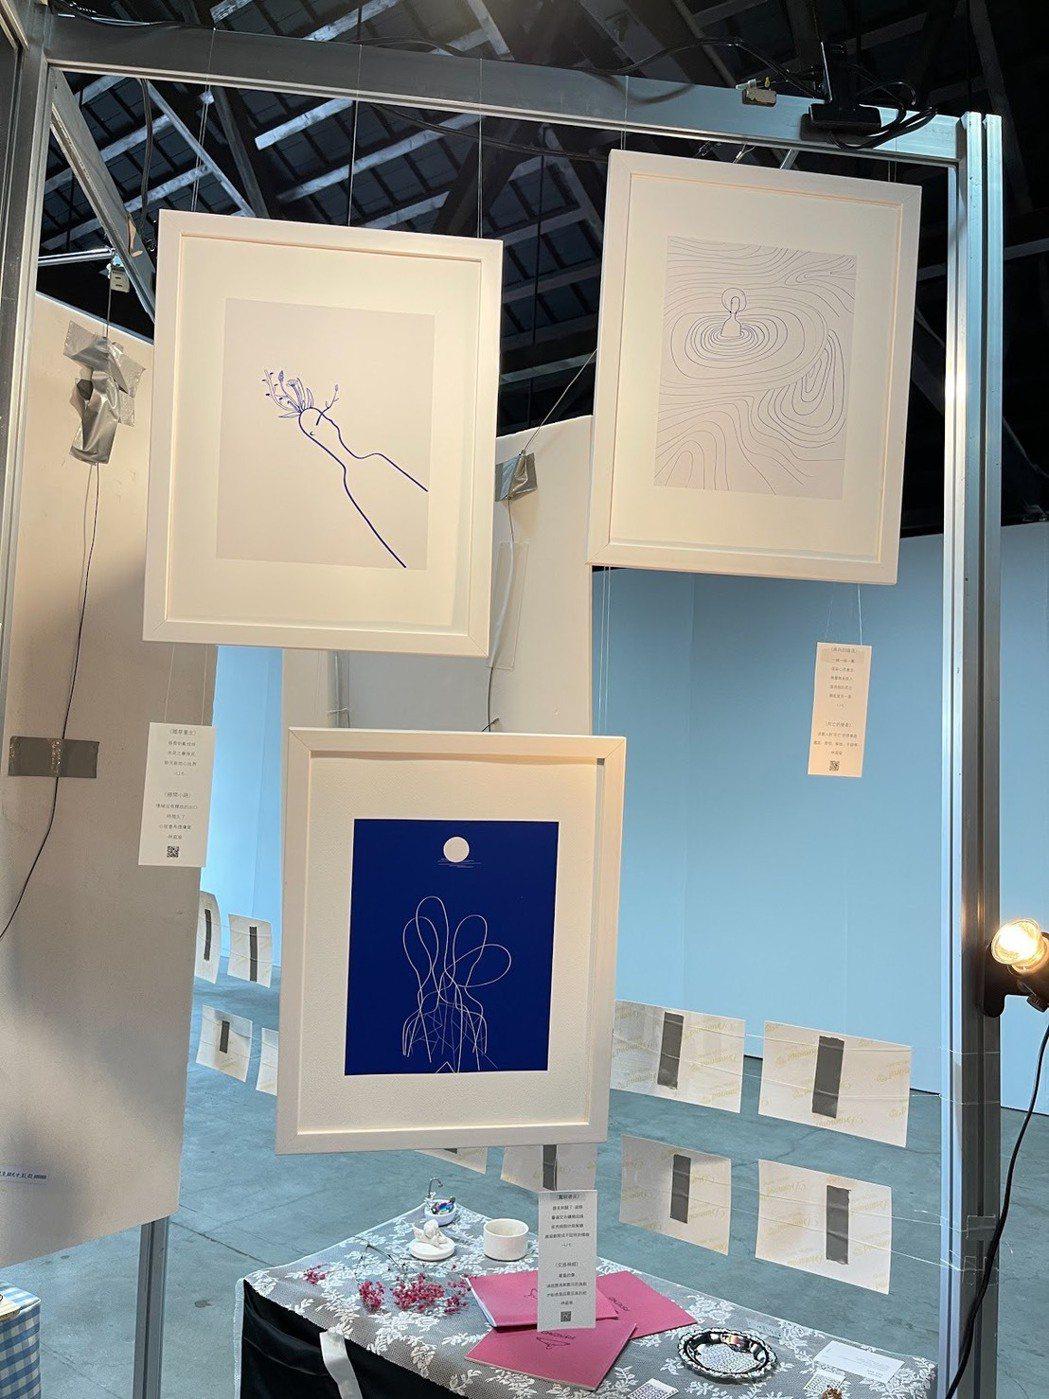 「藍色維度」藍色調的手繪插圖及原創音樂傳達自由的處事態度給參展民眾體驗。 文藻外...